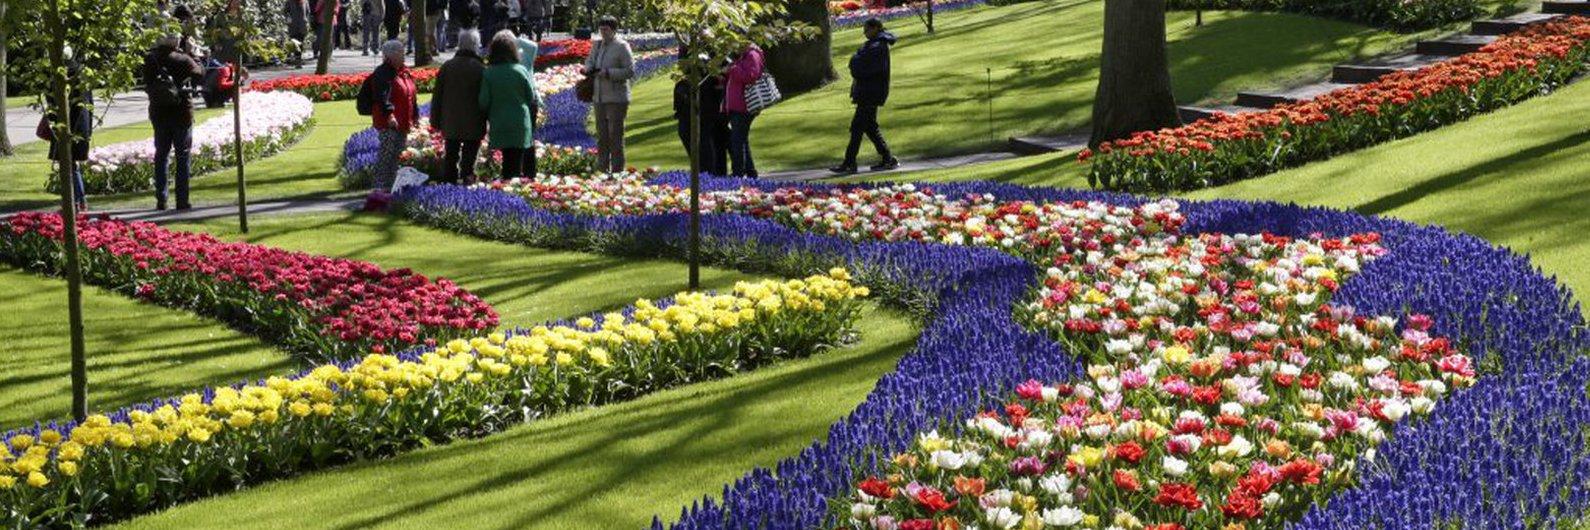 Se gosta de flores, este é um dos jardins a visitar